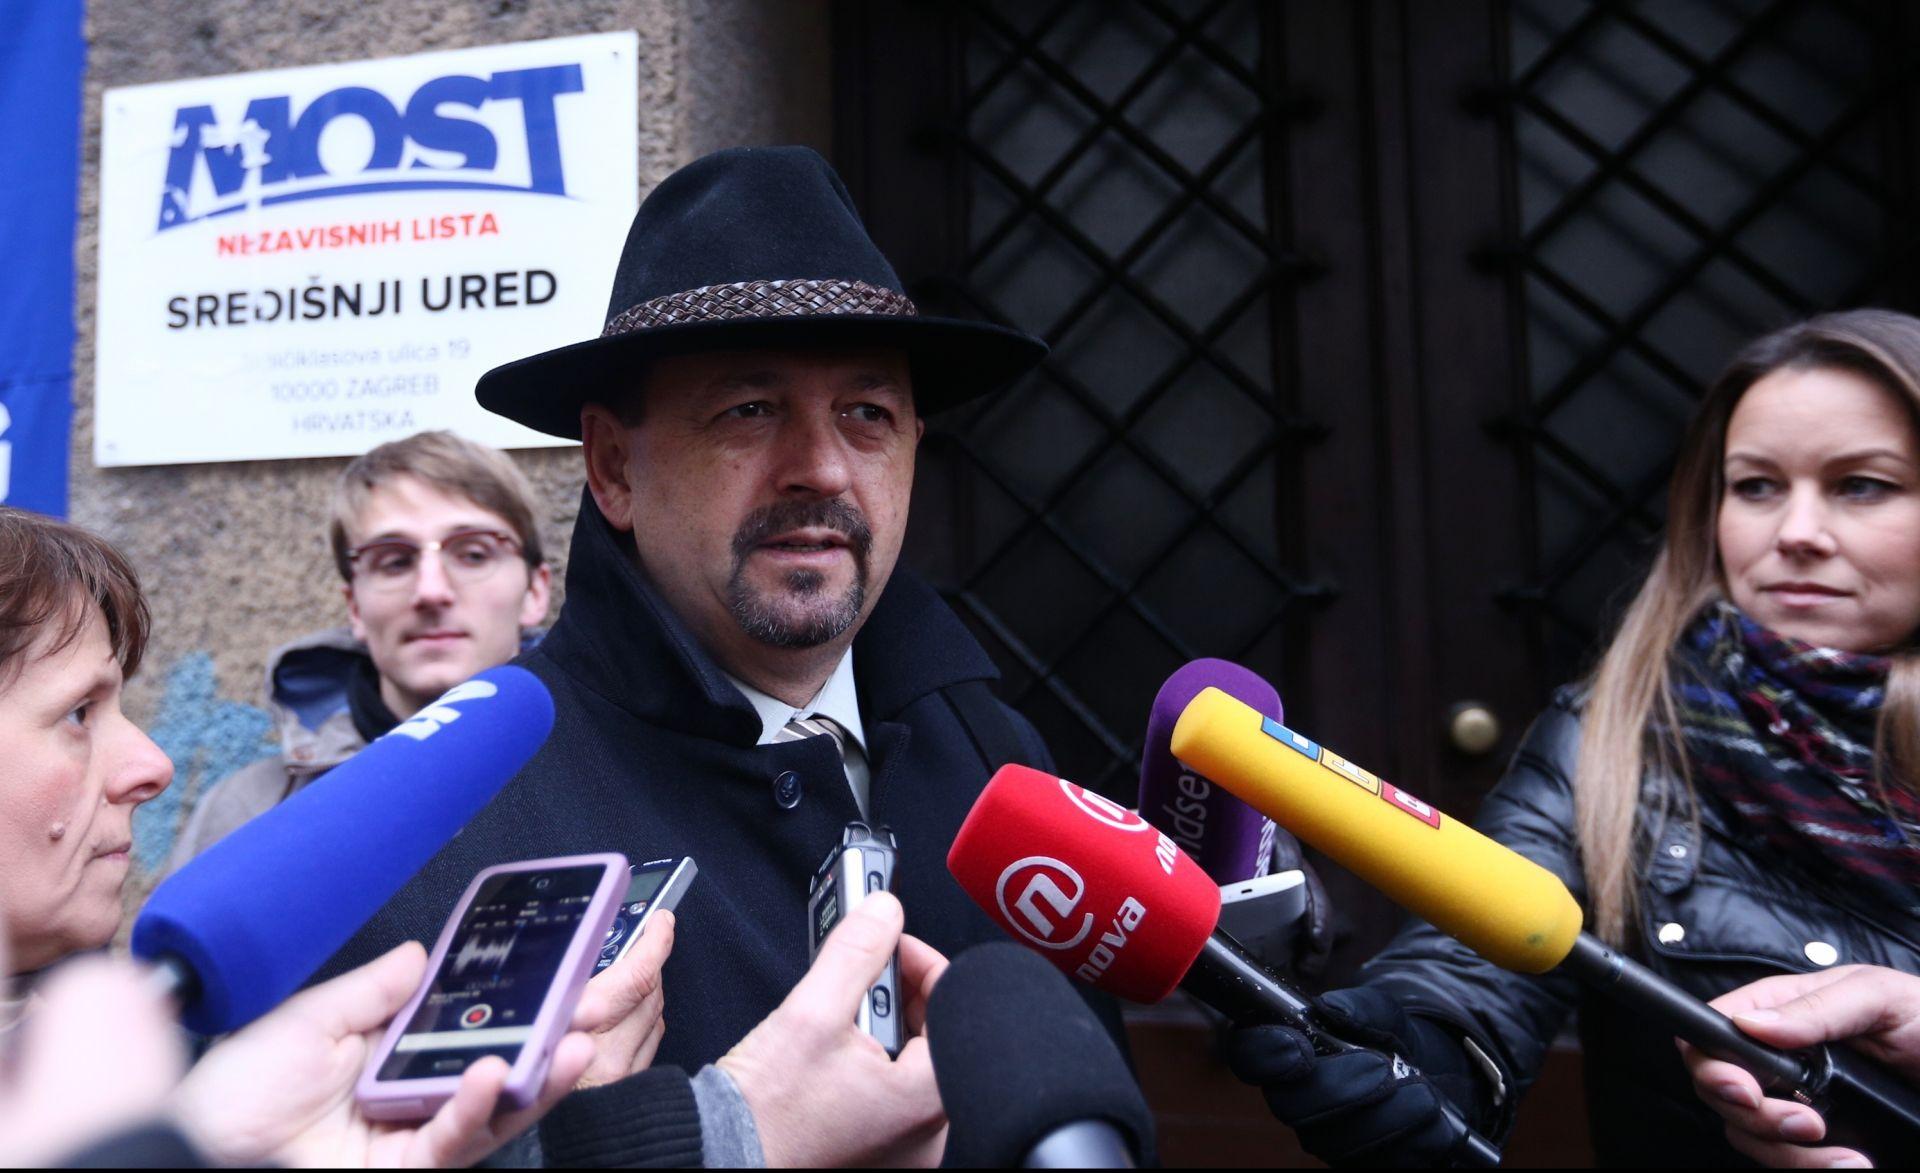 NAKON SASTANKA Lovrinović: Ni Milanović ni Karamarko ne mogu biti mandatar